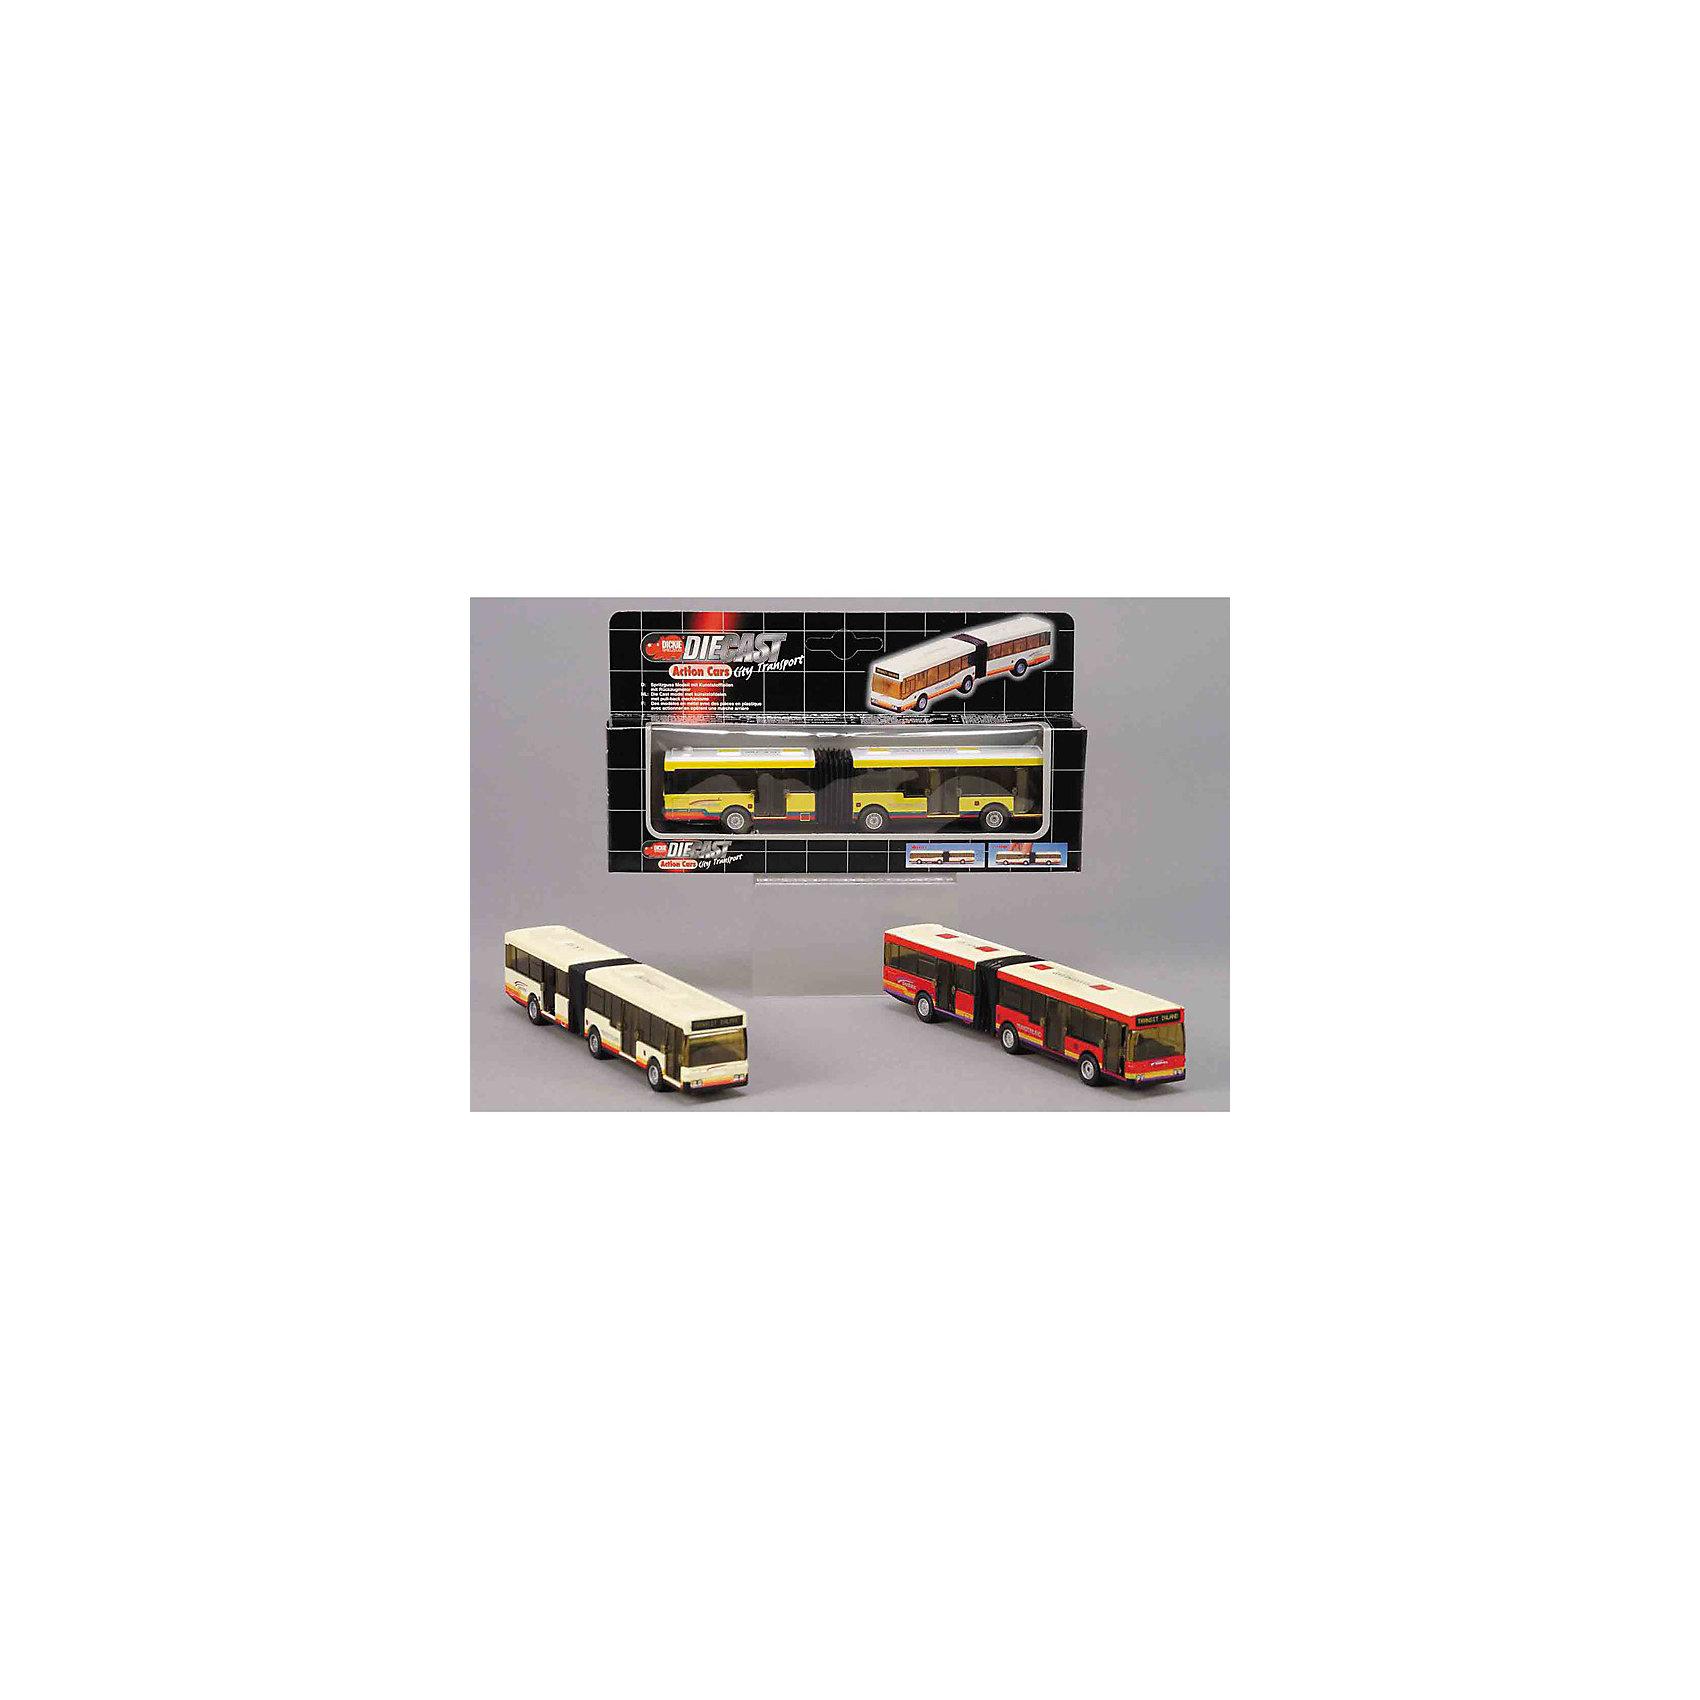 Автобус, DICKIEDICKIE Автобус - инерционный автобус,  выполненный в масштабе 1 :87 , из серии Action car. <br><br>Двери открываются, посередине есть гибкая резиновая гармошка.  <br><br><br>Дополнительная информация:<br><br>- Размер:  18,5 см.<br>- Материалы: резина, пластмасса.<br>- В ассортименте 3 вида, отличающиеся по цвету.<br>ВНИМАНИЕ! К сожалению, заранее выбрать определенный цвет игрушки невозможно. При заказе нескольких, возможно получение одинаковых.<br><br><br>Отличная, занимательная игрушка для вашего ребенка. Автобус совсем как настоящий, только маленький!<br><br>Ширина мм: 230<br>Глубина мм: 40<br>Высота мм: 73<br>Вес г: 213<br>Возраст от месяцев: 48<br>Возраст до месяцев: 1164<br>Пол: Мужской<br>Возраст: Детский<br>SKU: 2149384